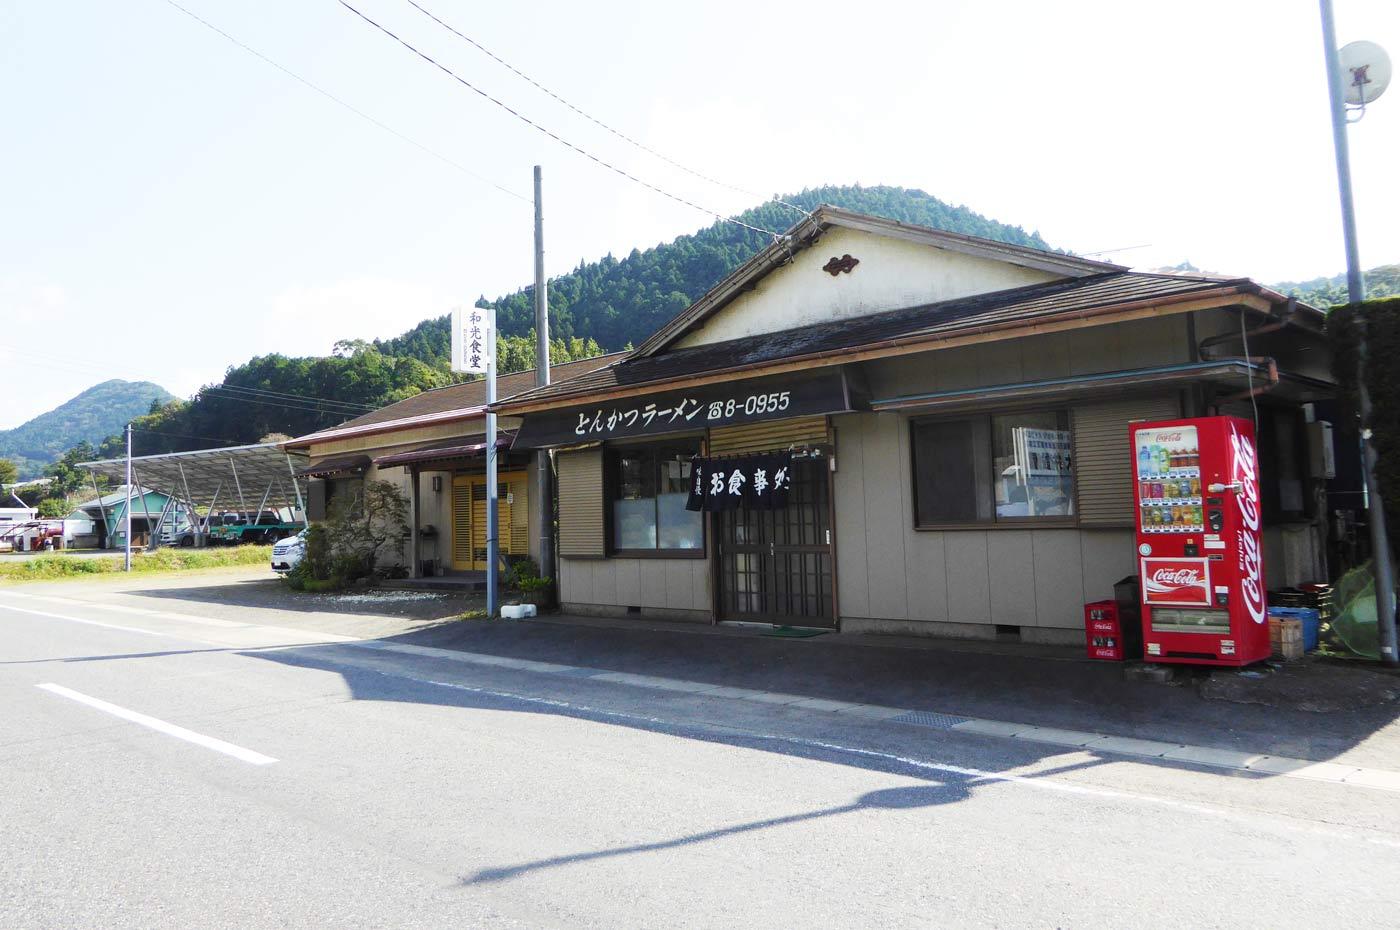 和光食堂の店舗外観